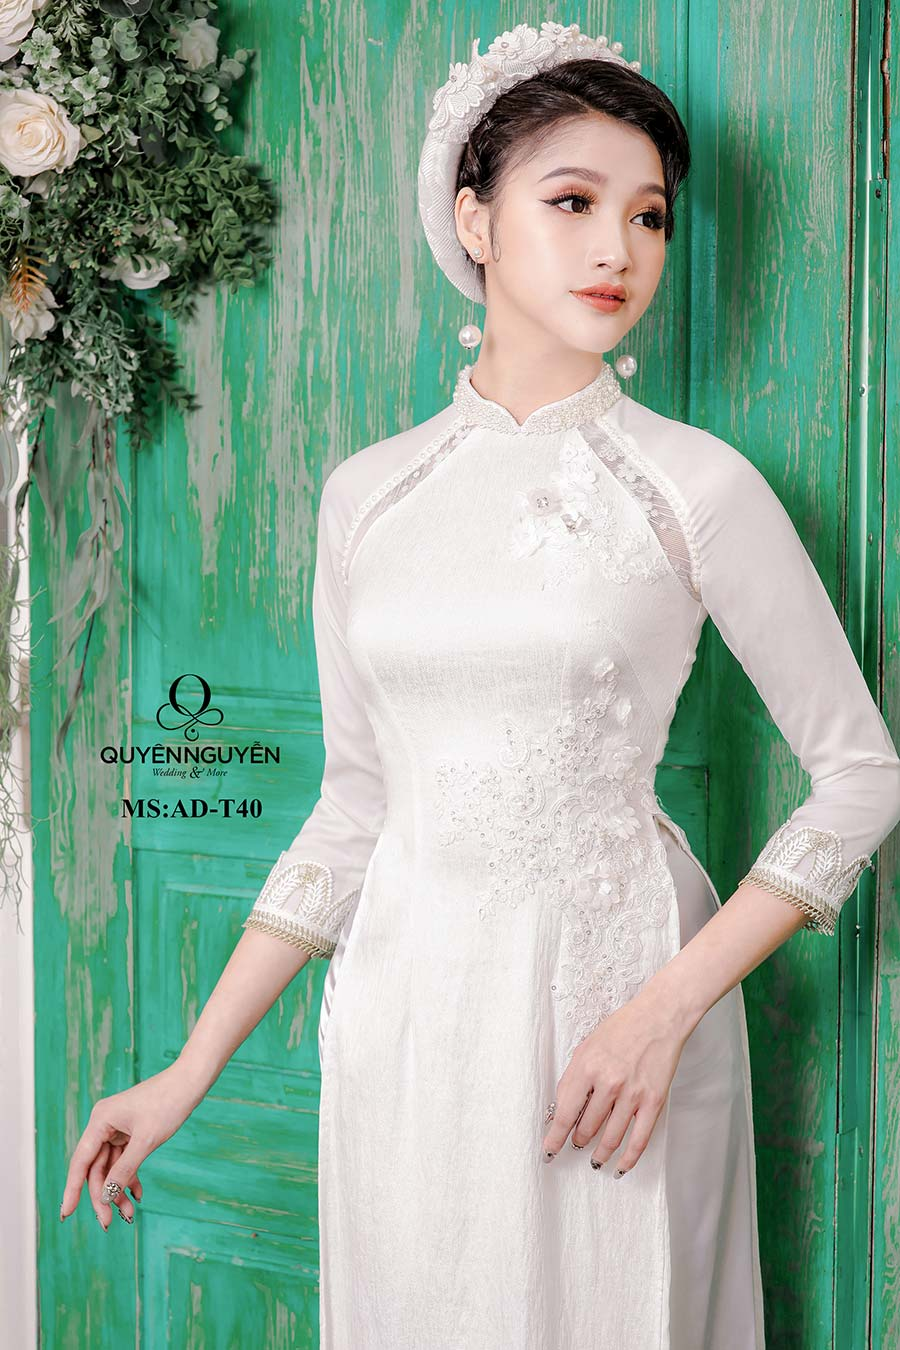 áo dài trắng ADT40.3